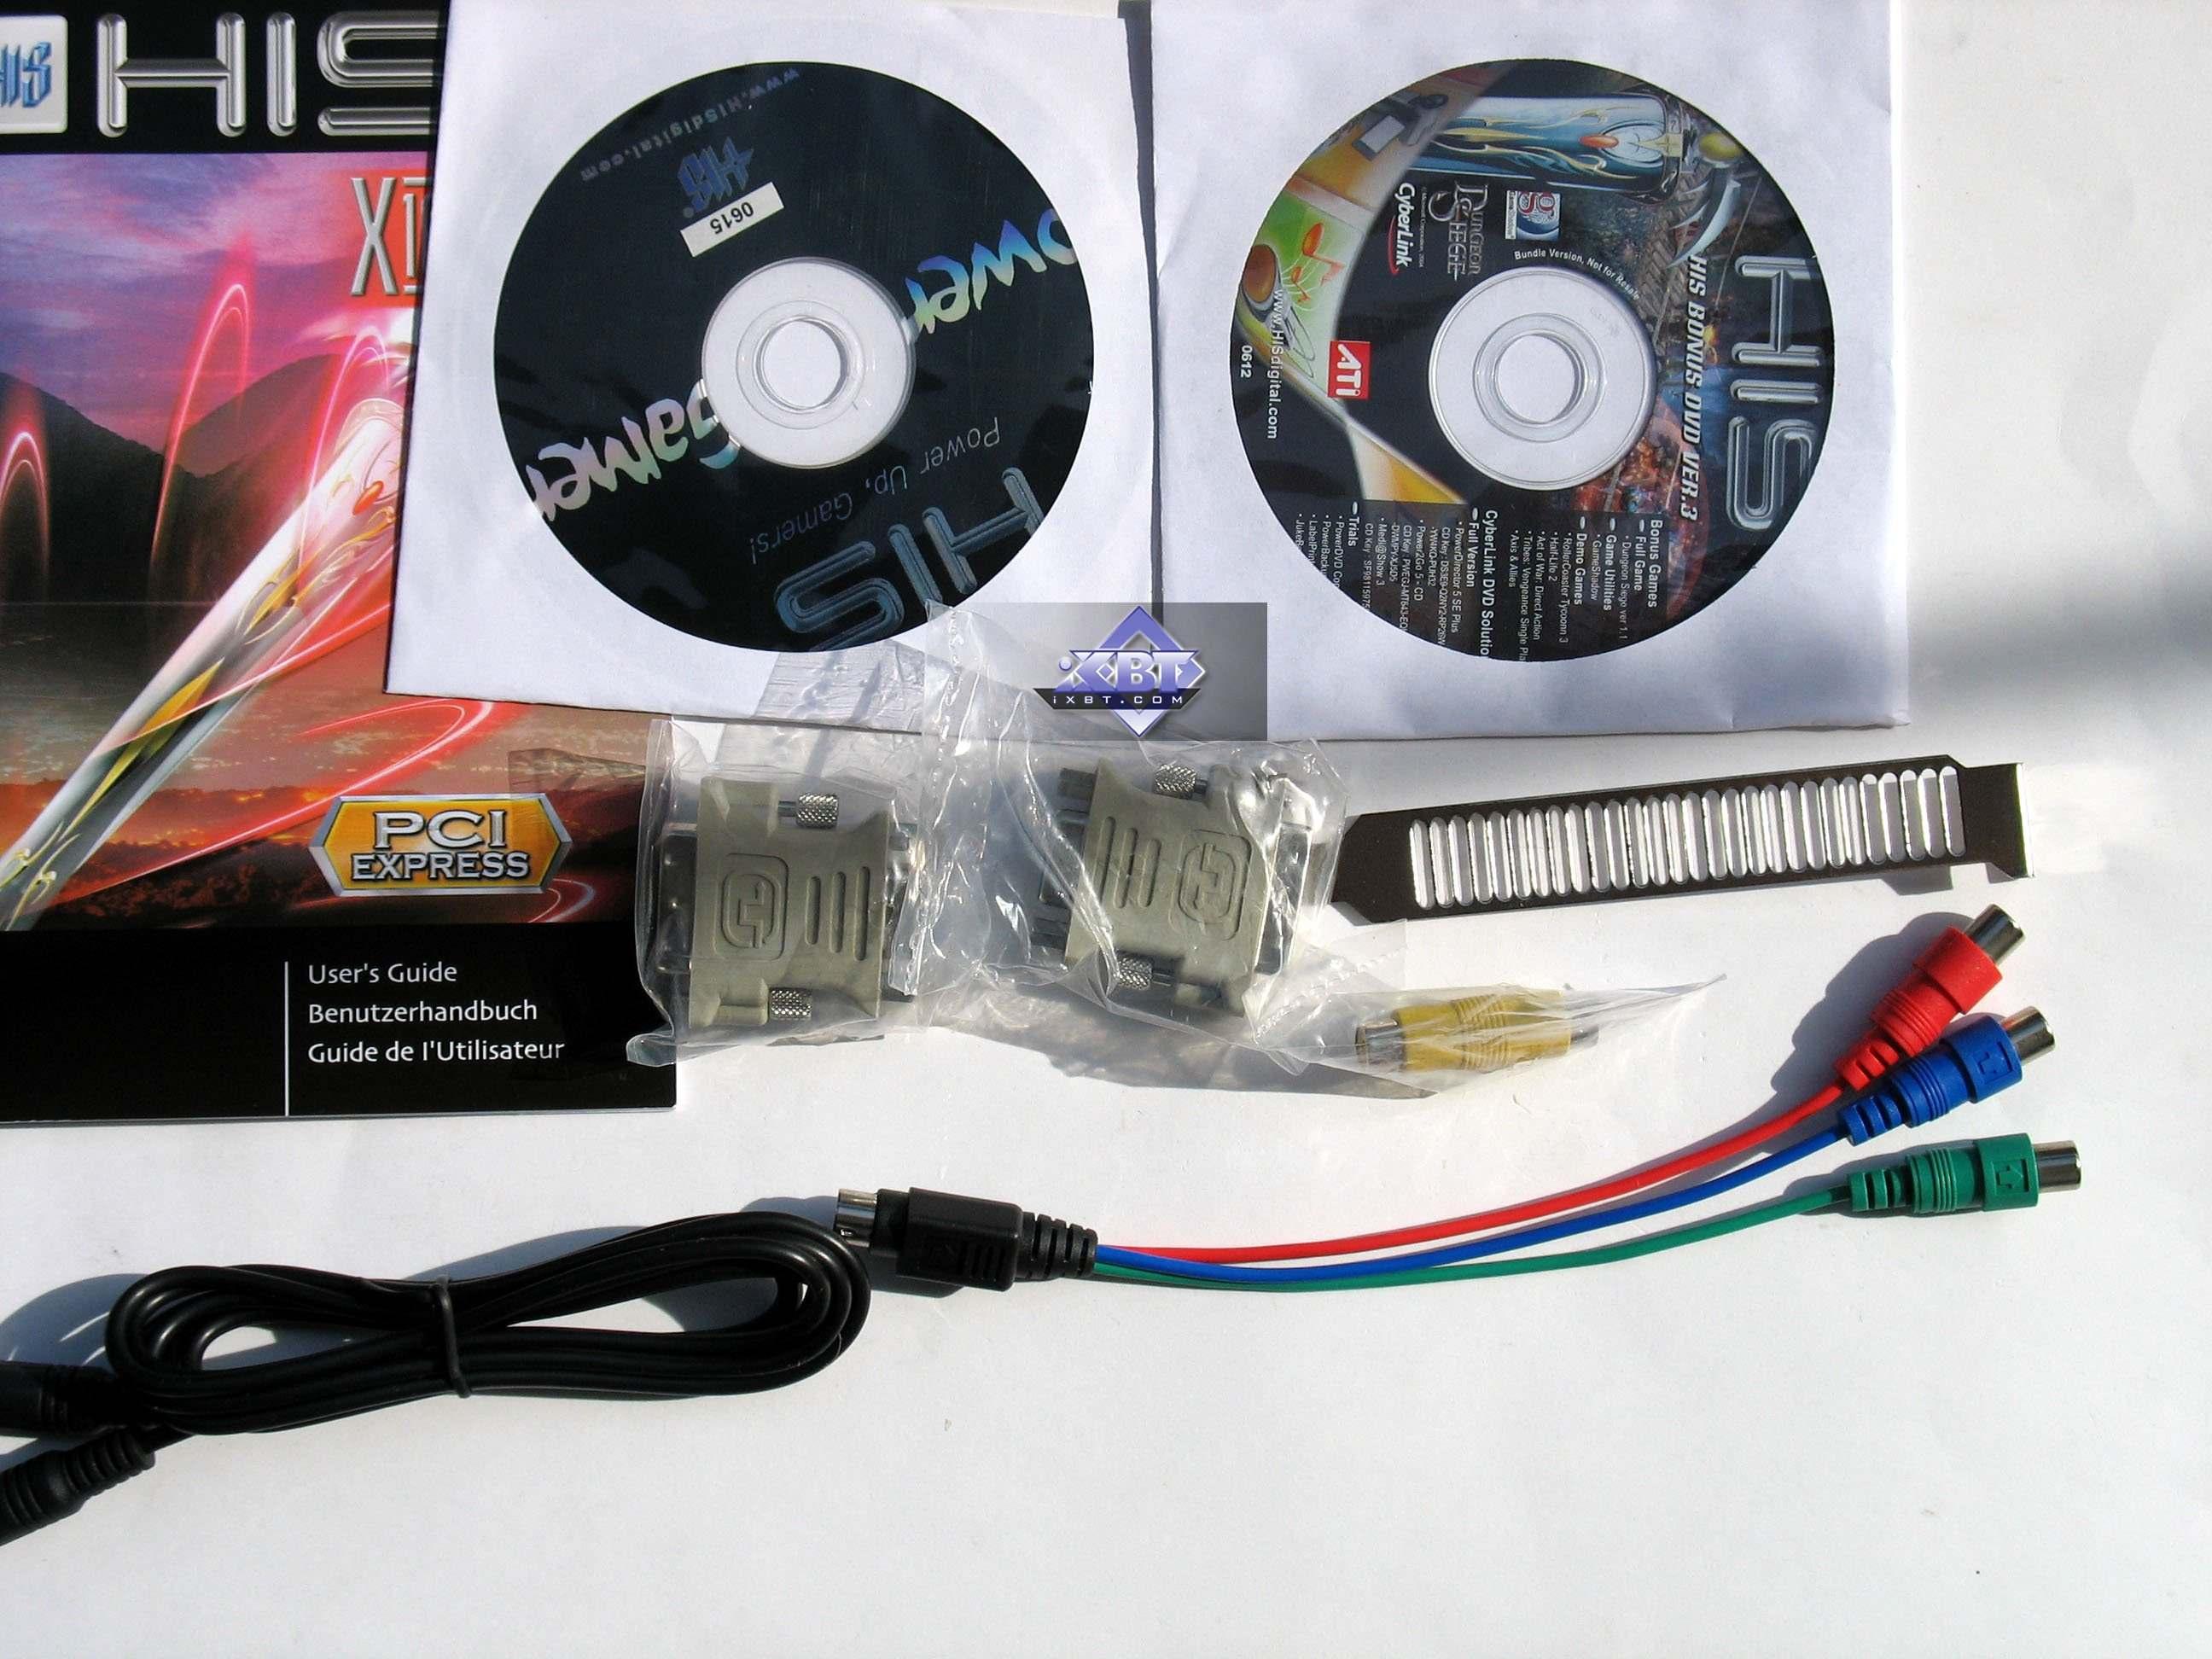 скачать драйвер видеокарты ati radeon x1650 his